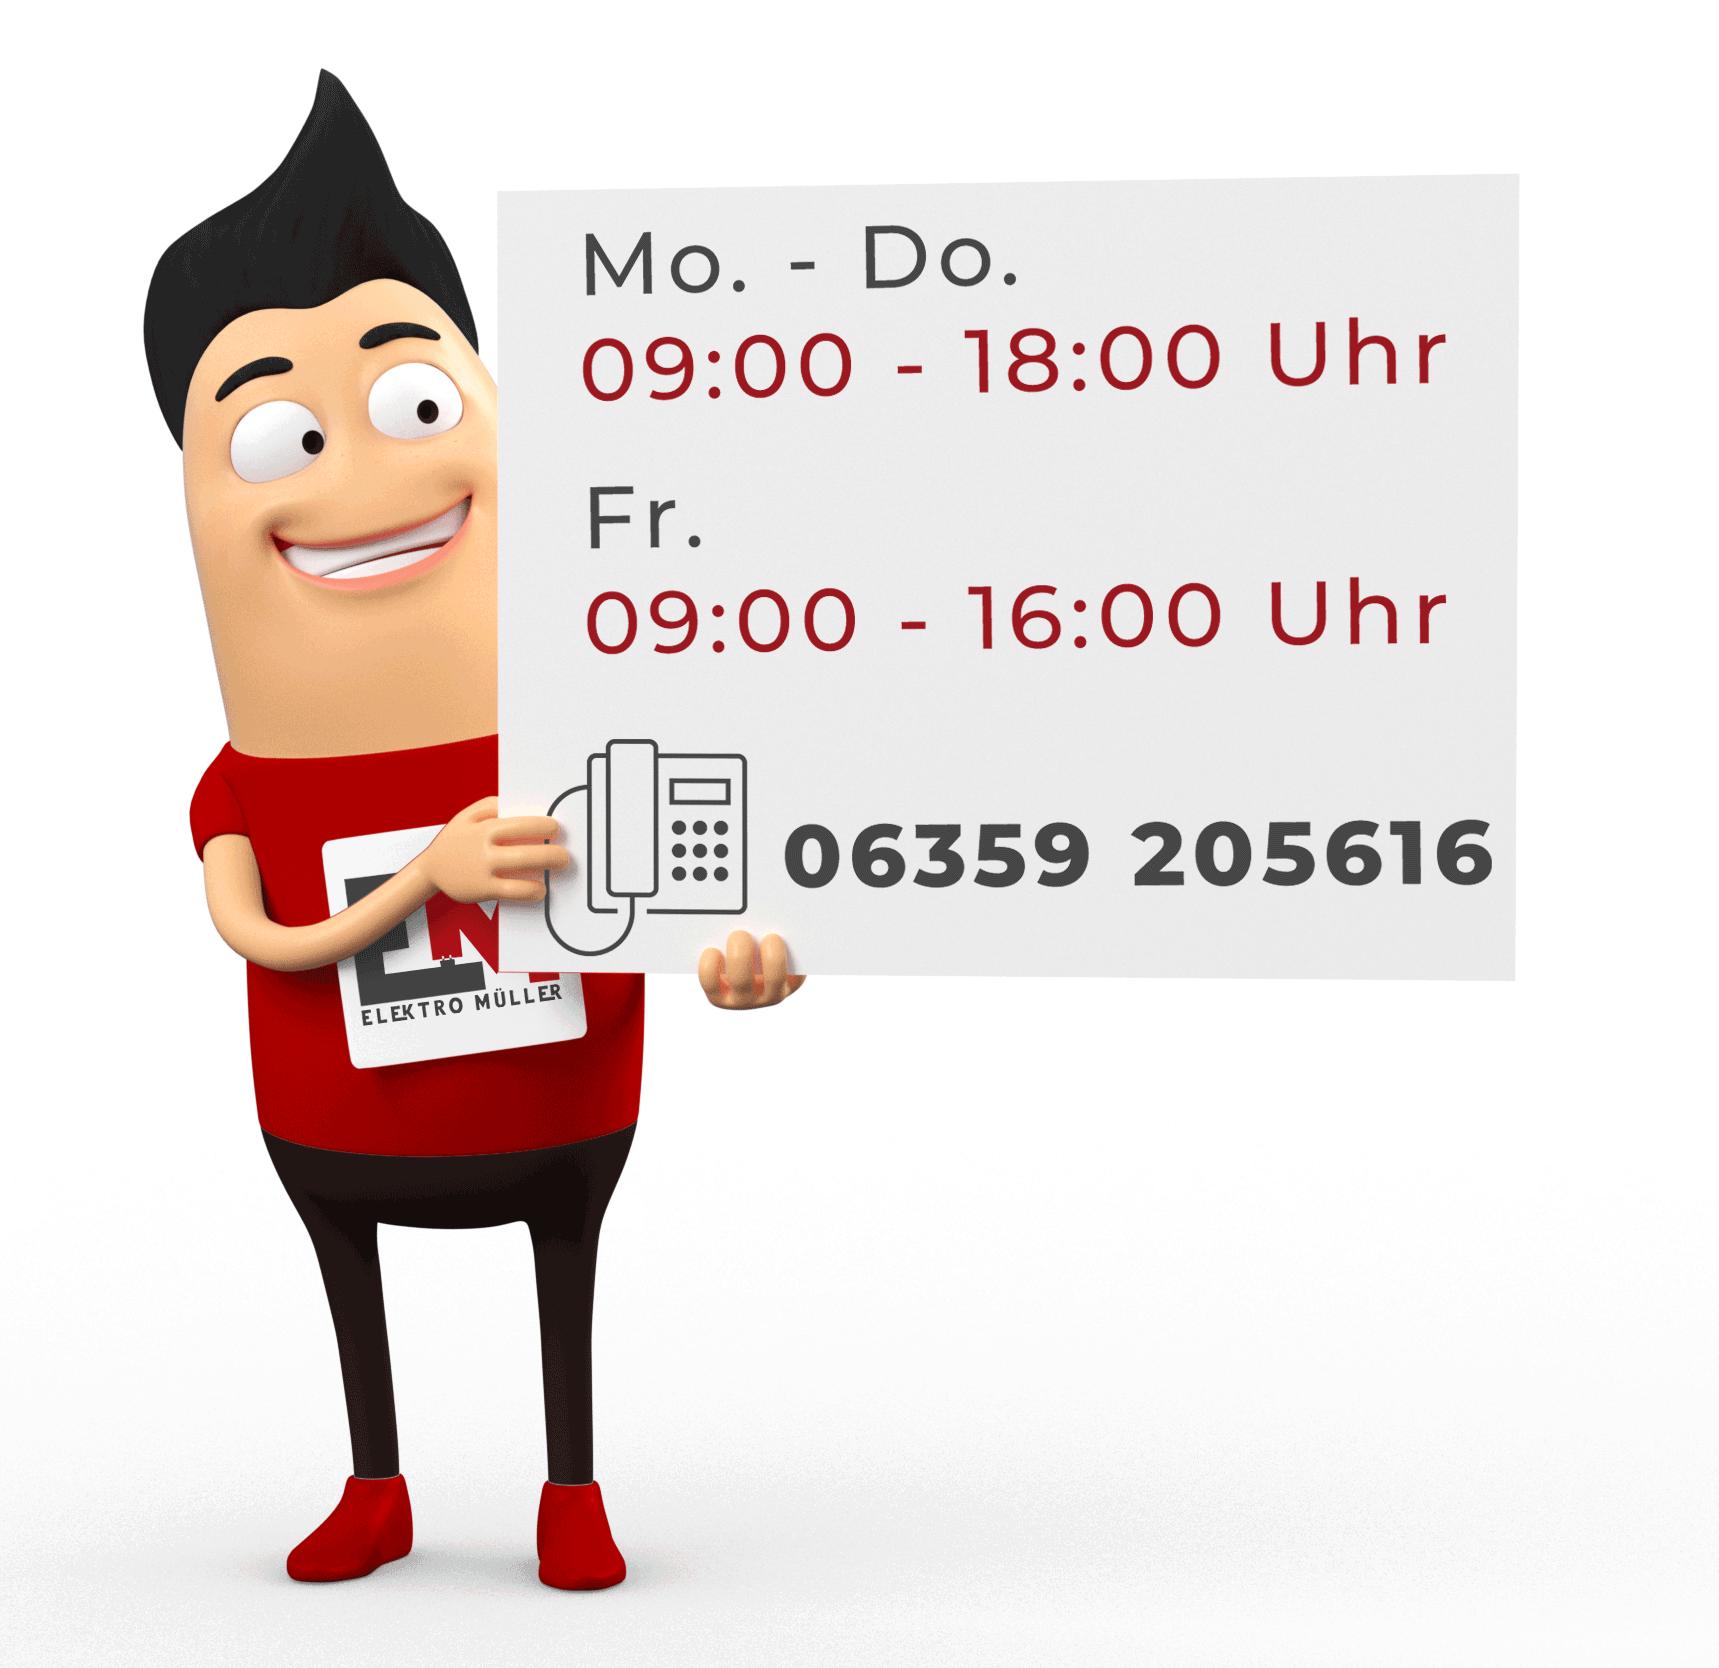 Manfred_Öffnungszeiten